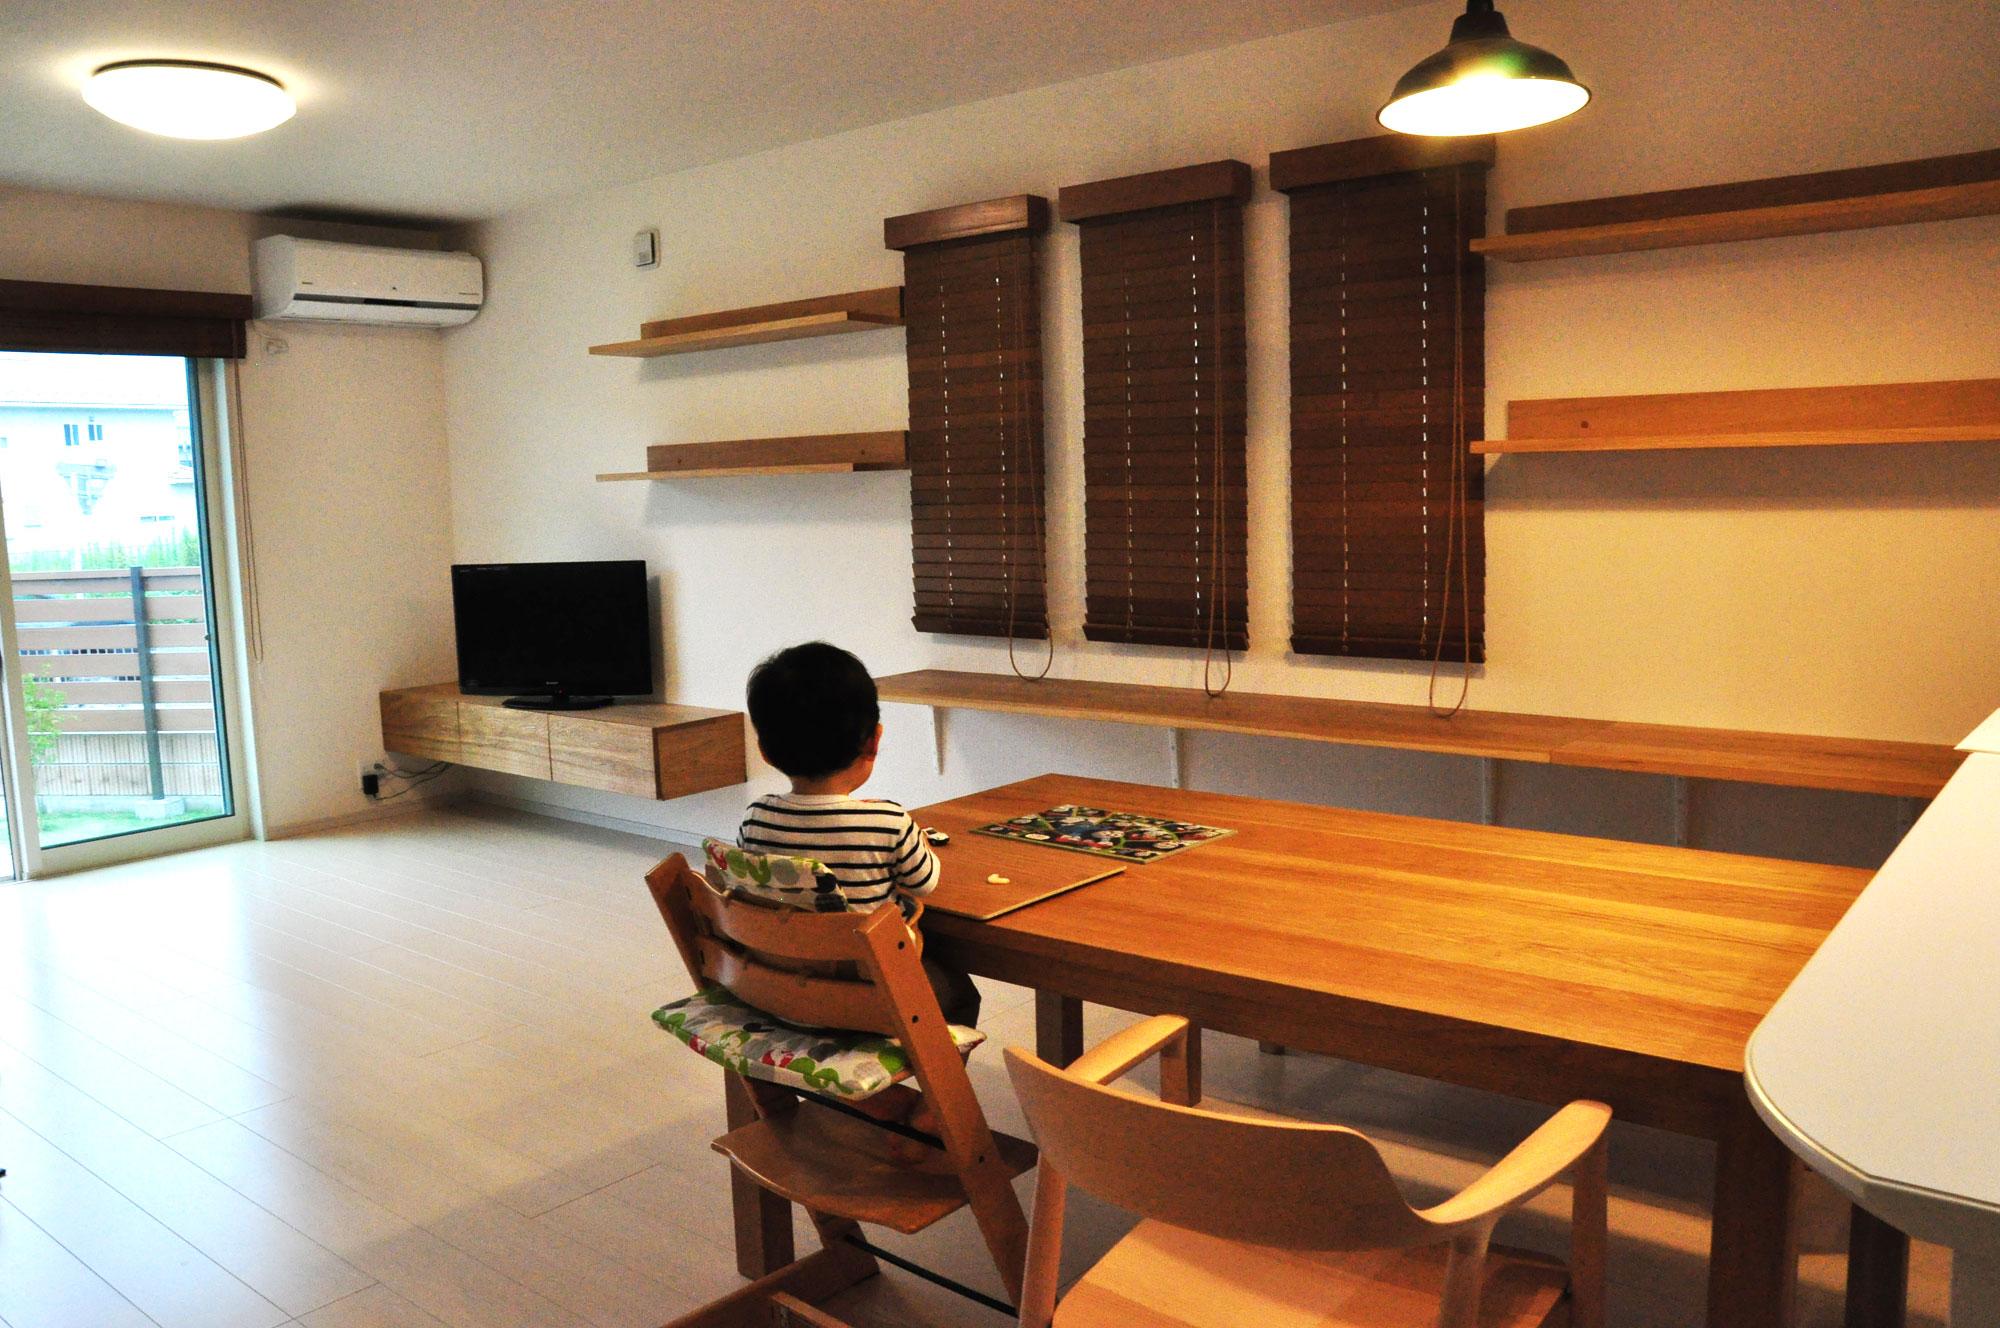 フロートテレビボードと本棚と長机カウンターデスク 5046